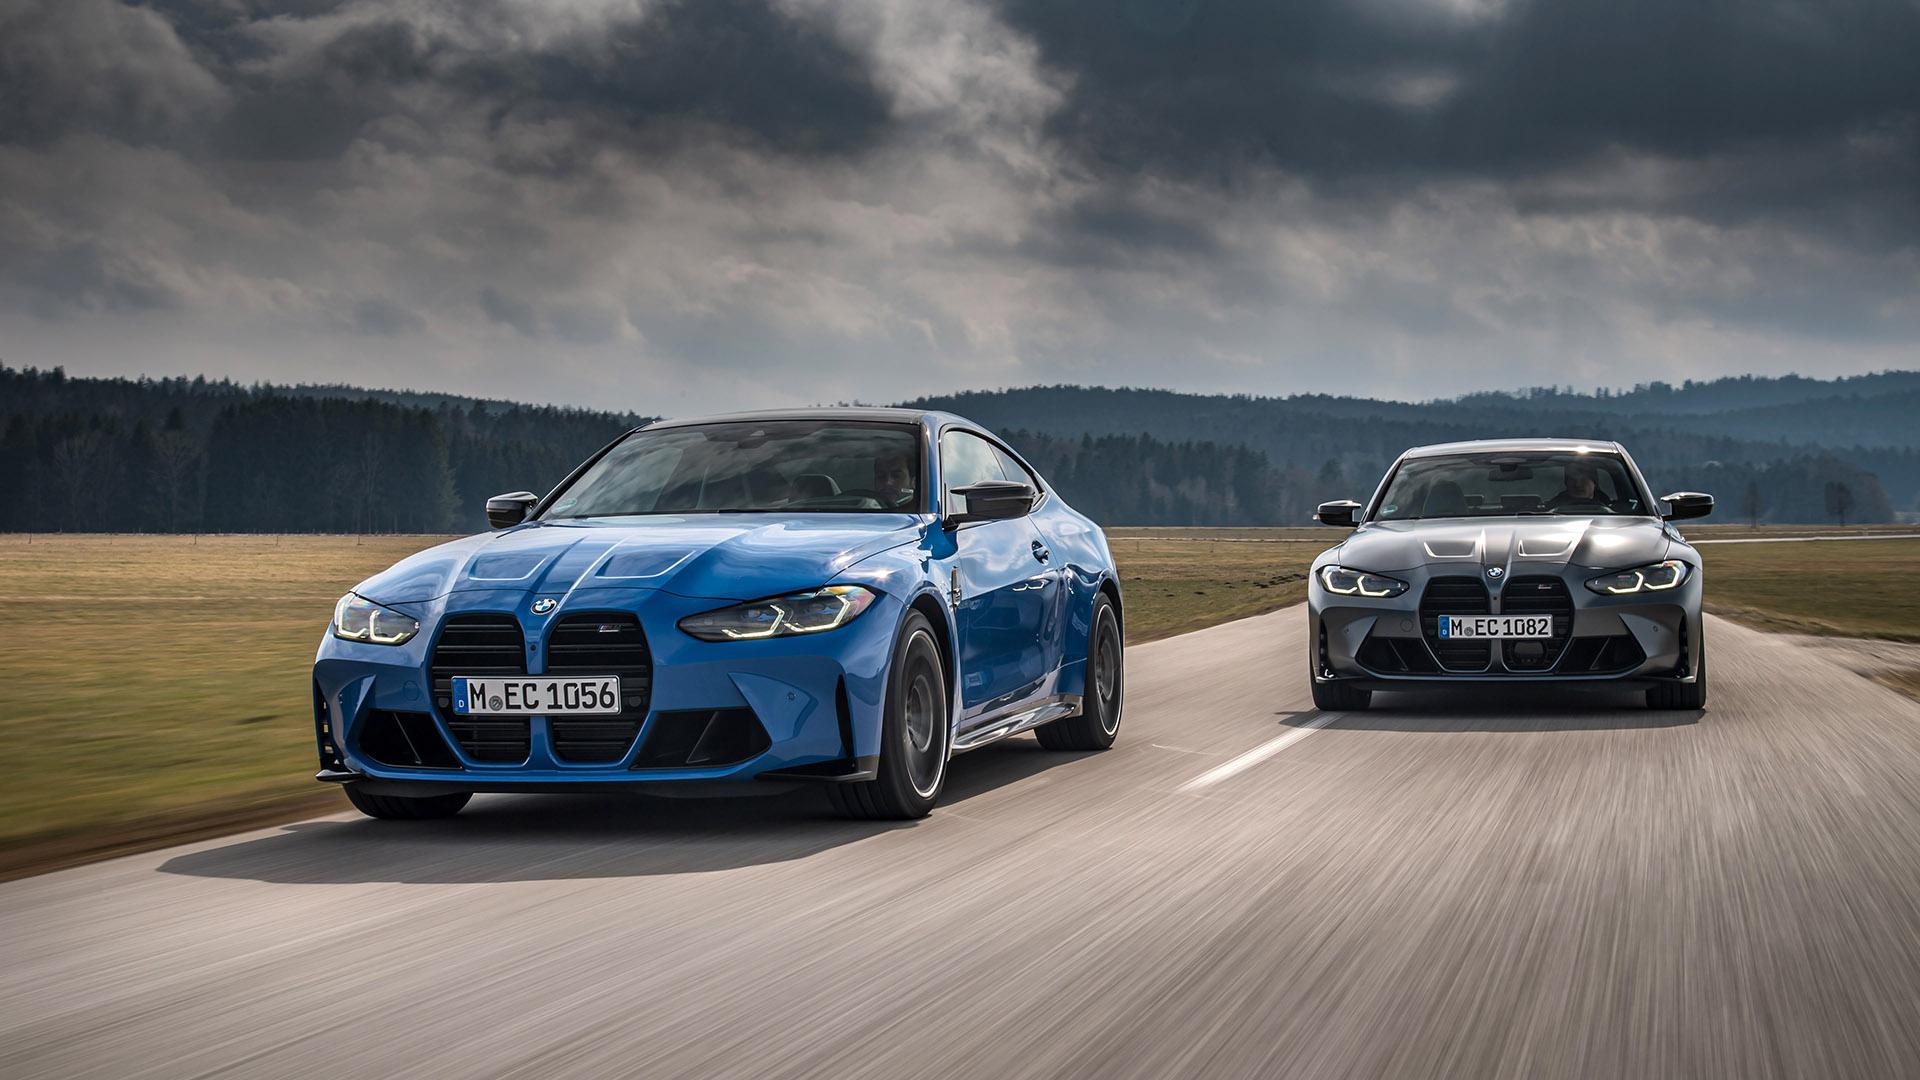 Νέες τετρακίνητες εκδόσεις για τις BMW M3 και M4 (pics)